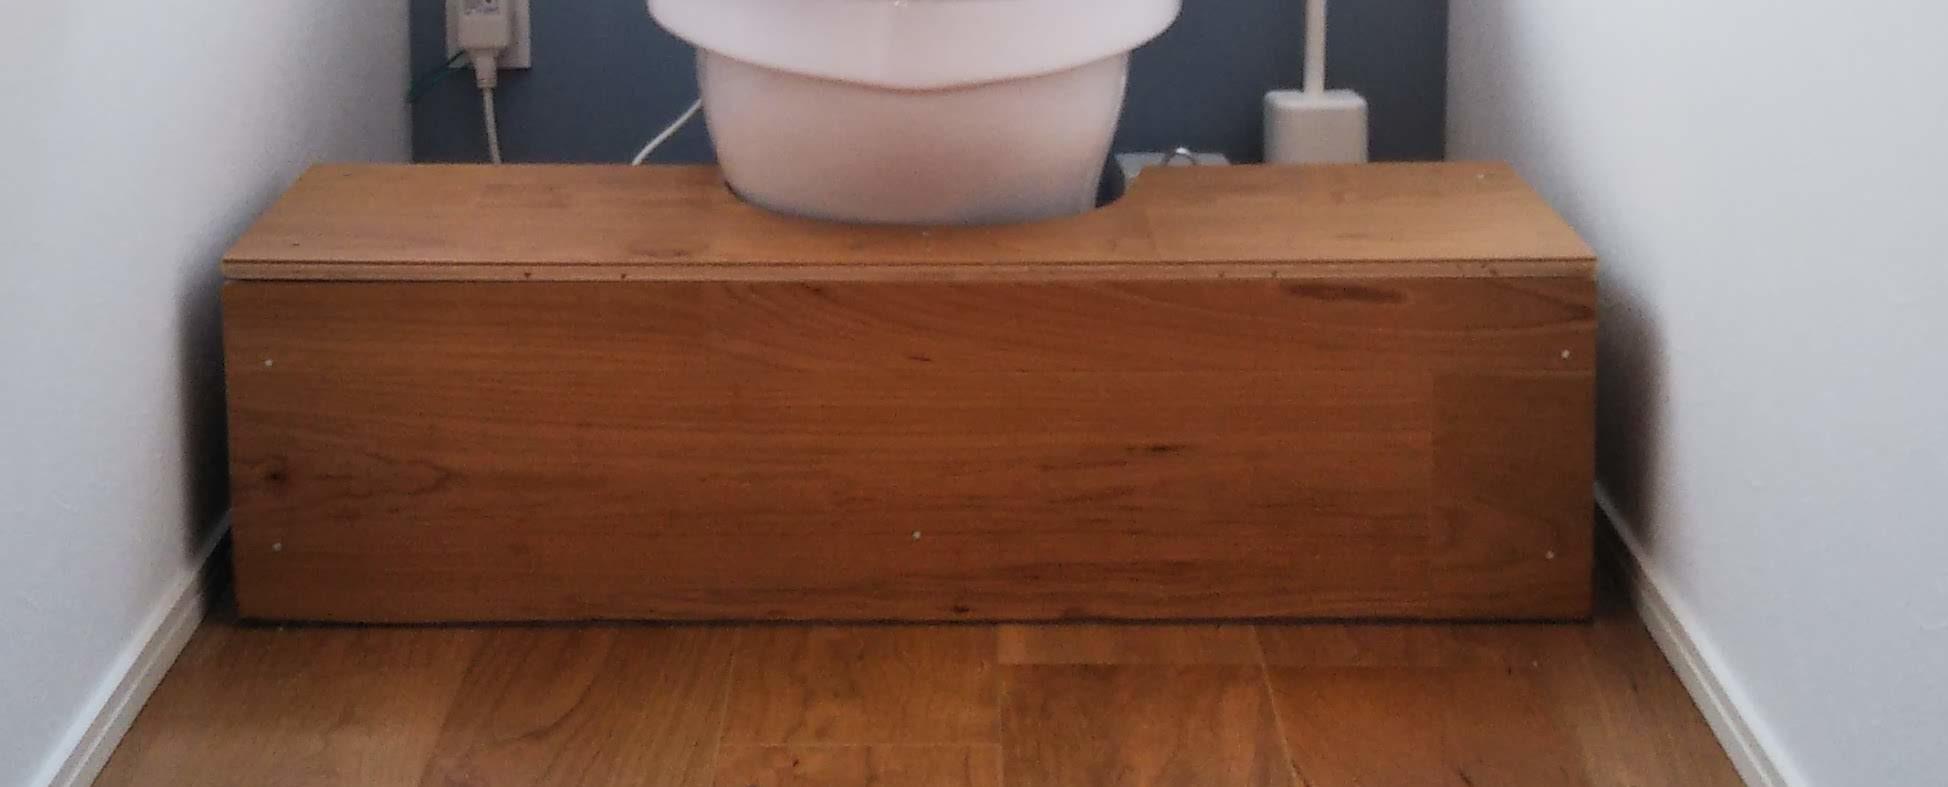 【子育てママ必見】トイレトレーニング用の踏み台をDIYしたら驚くほど子どもがトイレに行くようになる